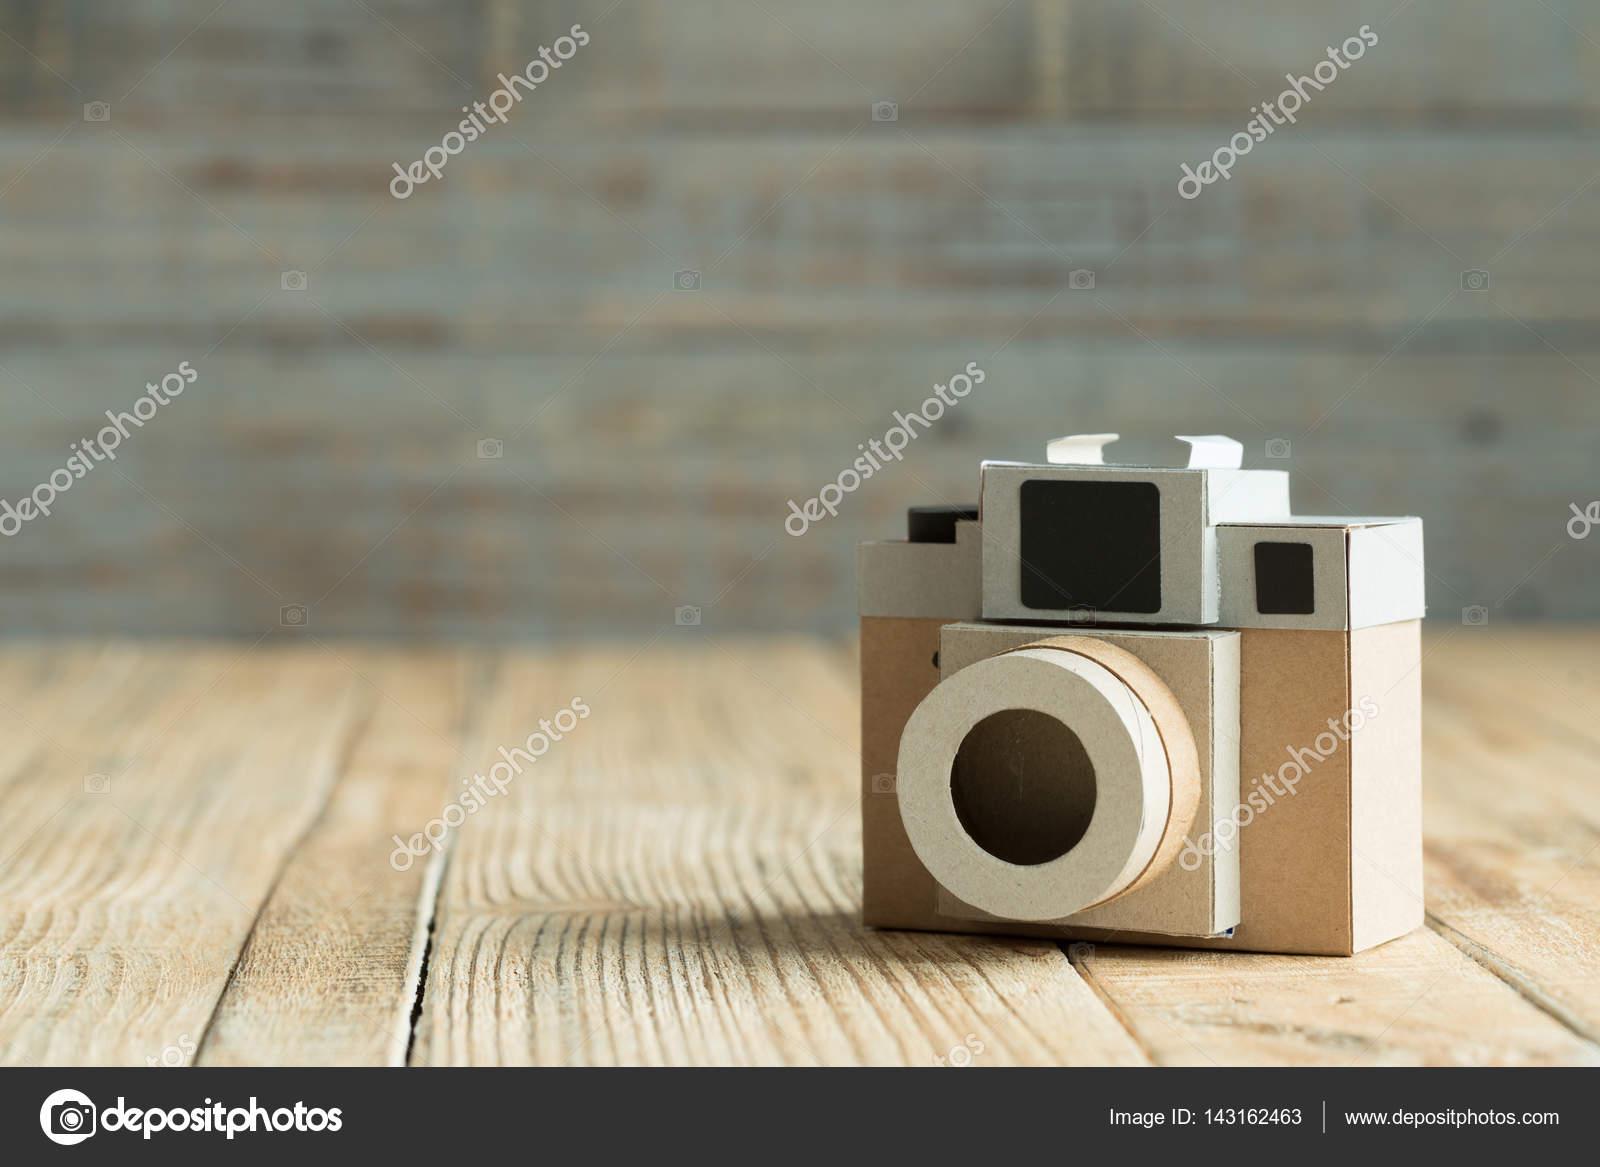 Kamera Papier Auf Holz Hintergrund Stockfoto C Pigprox 143162463